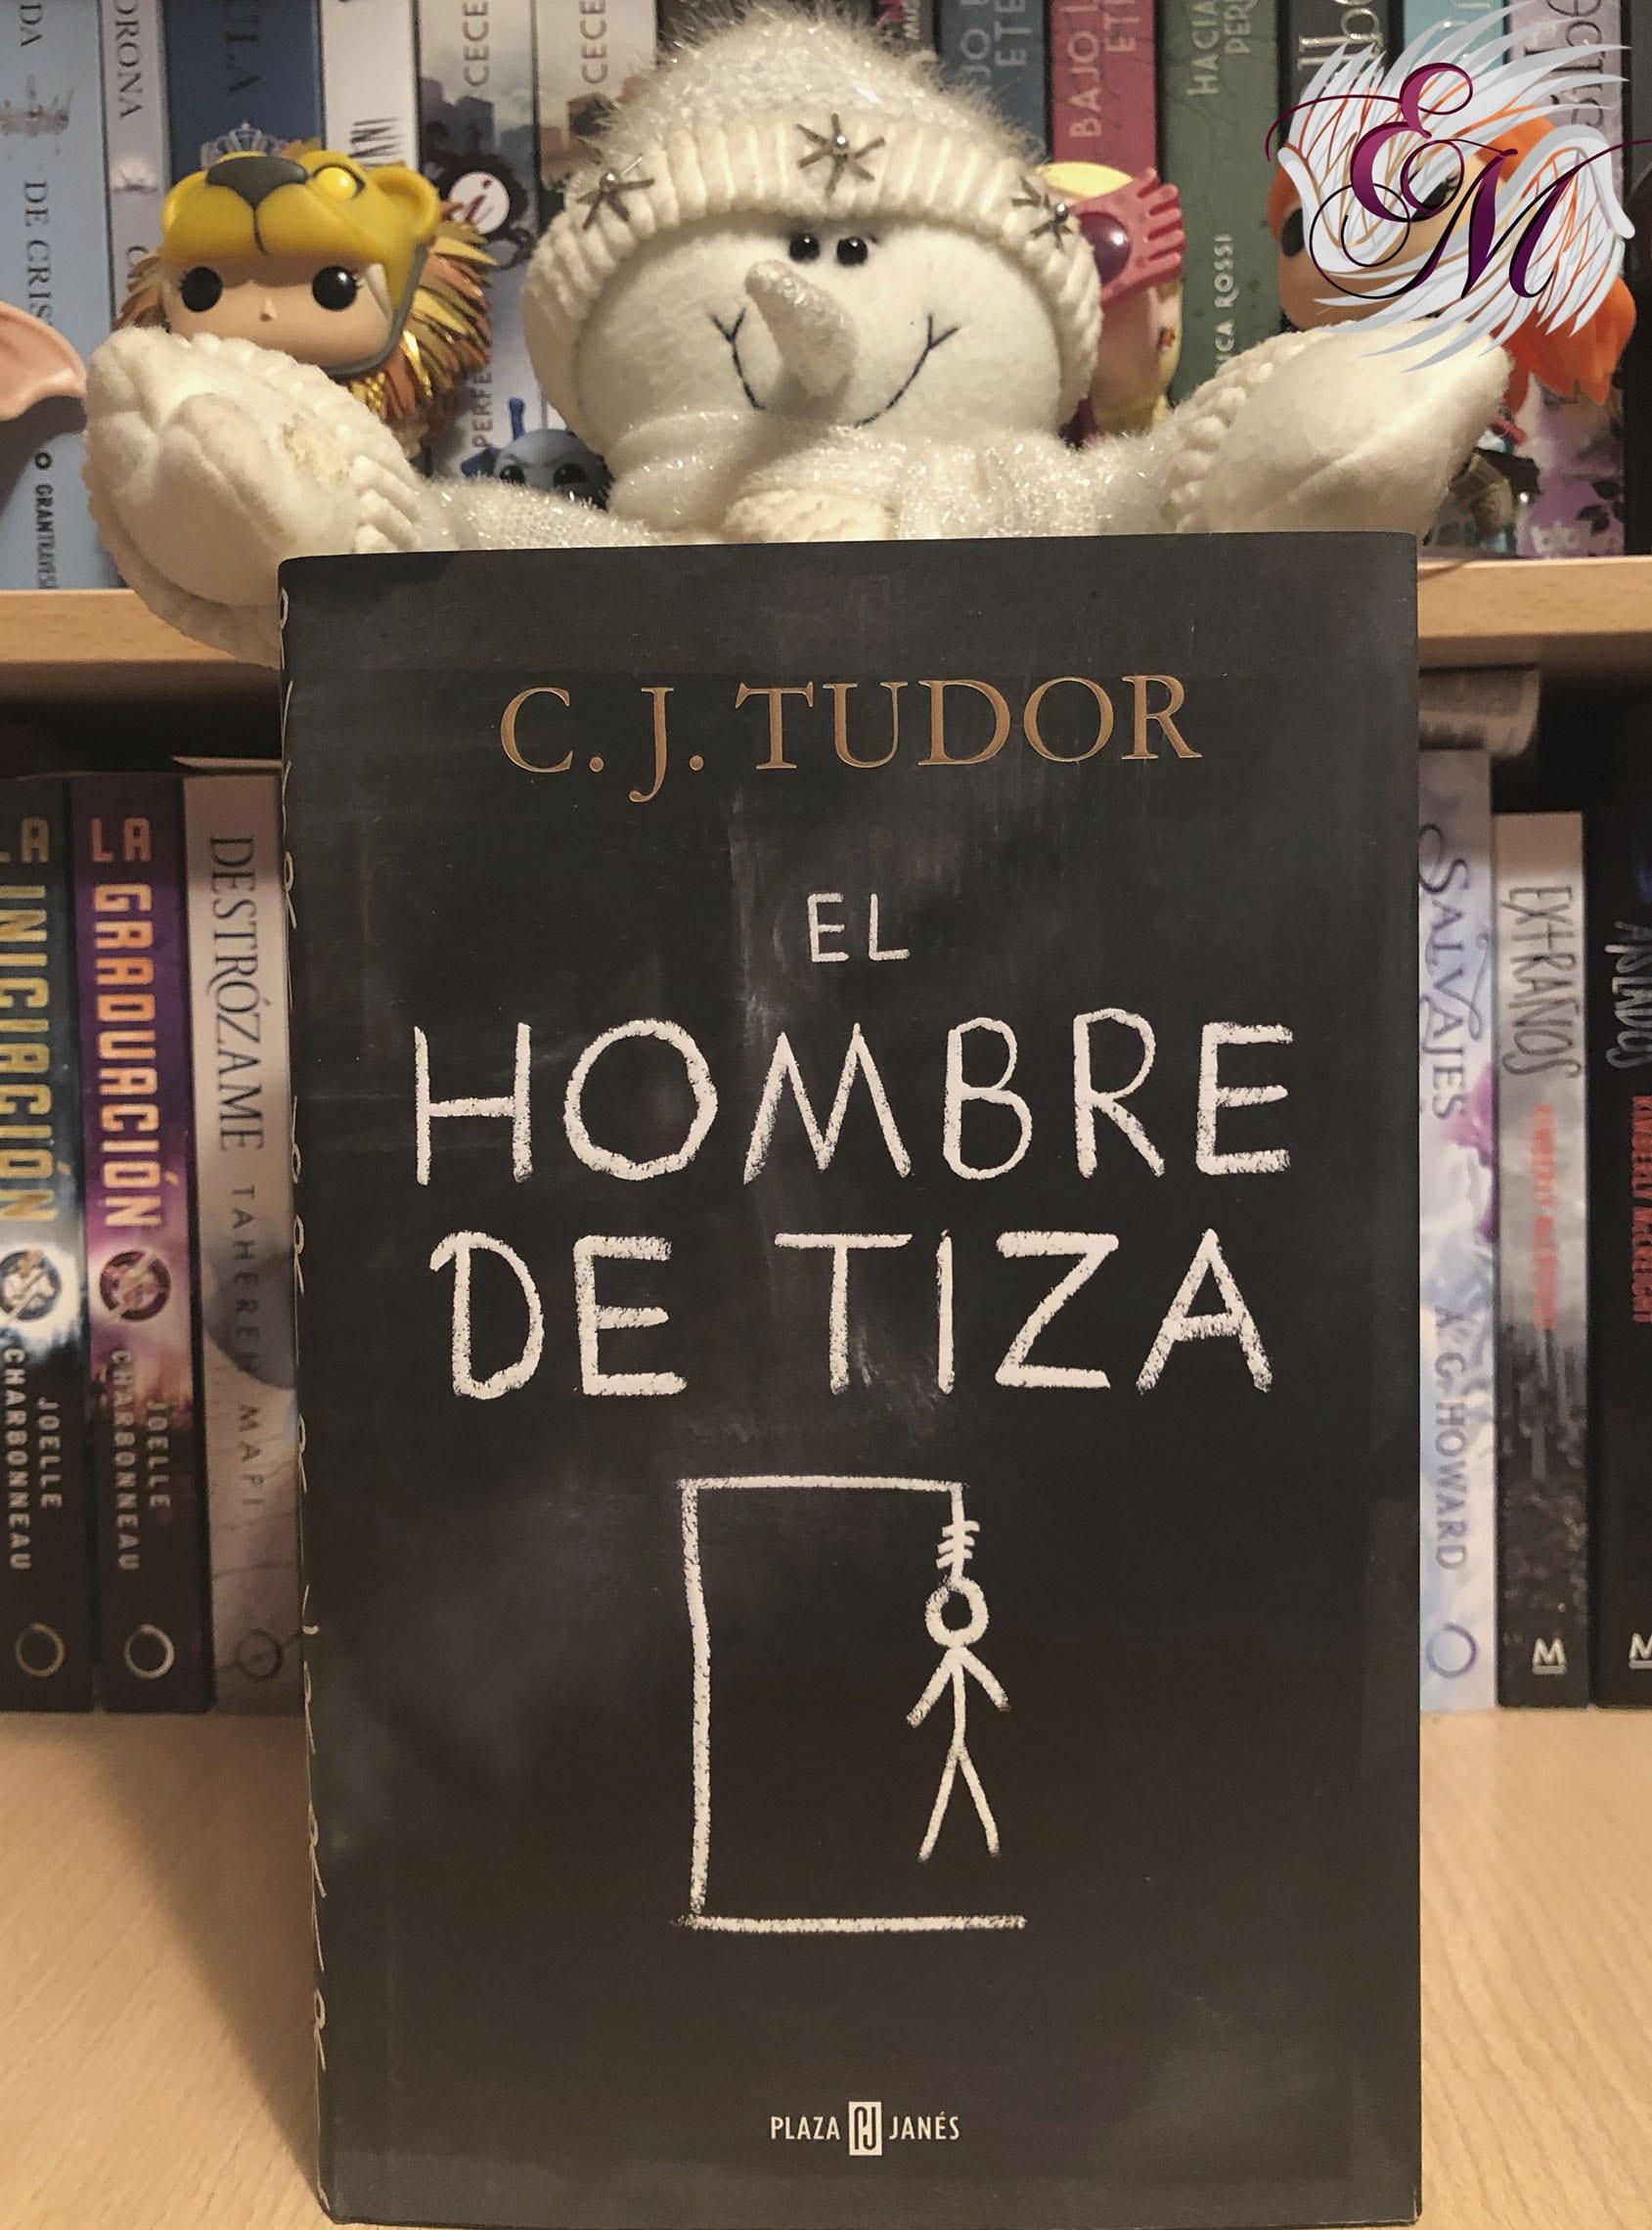 El hombre de tiza, de C.J. Tudor - Reseña